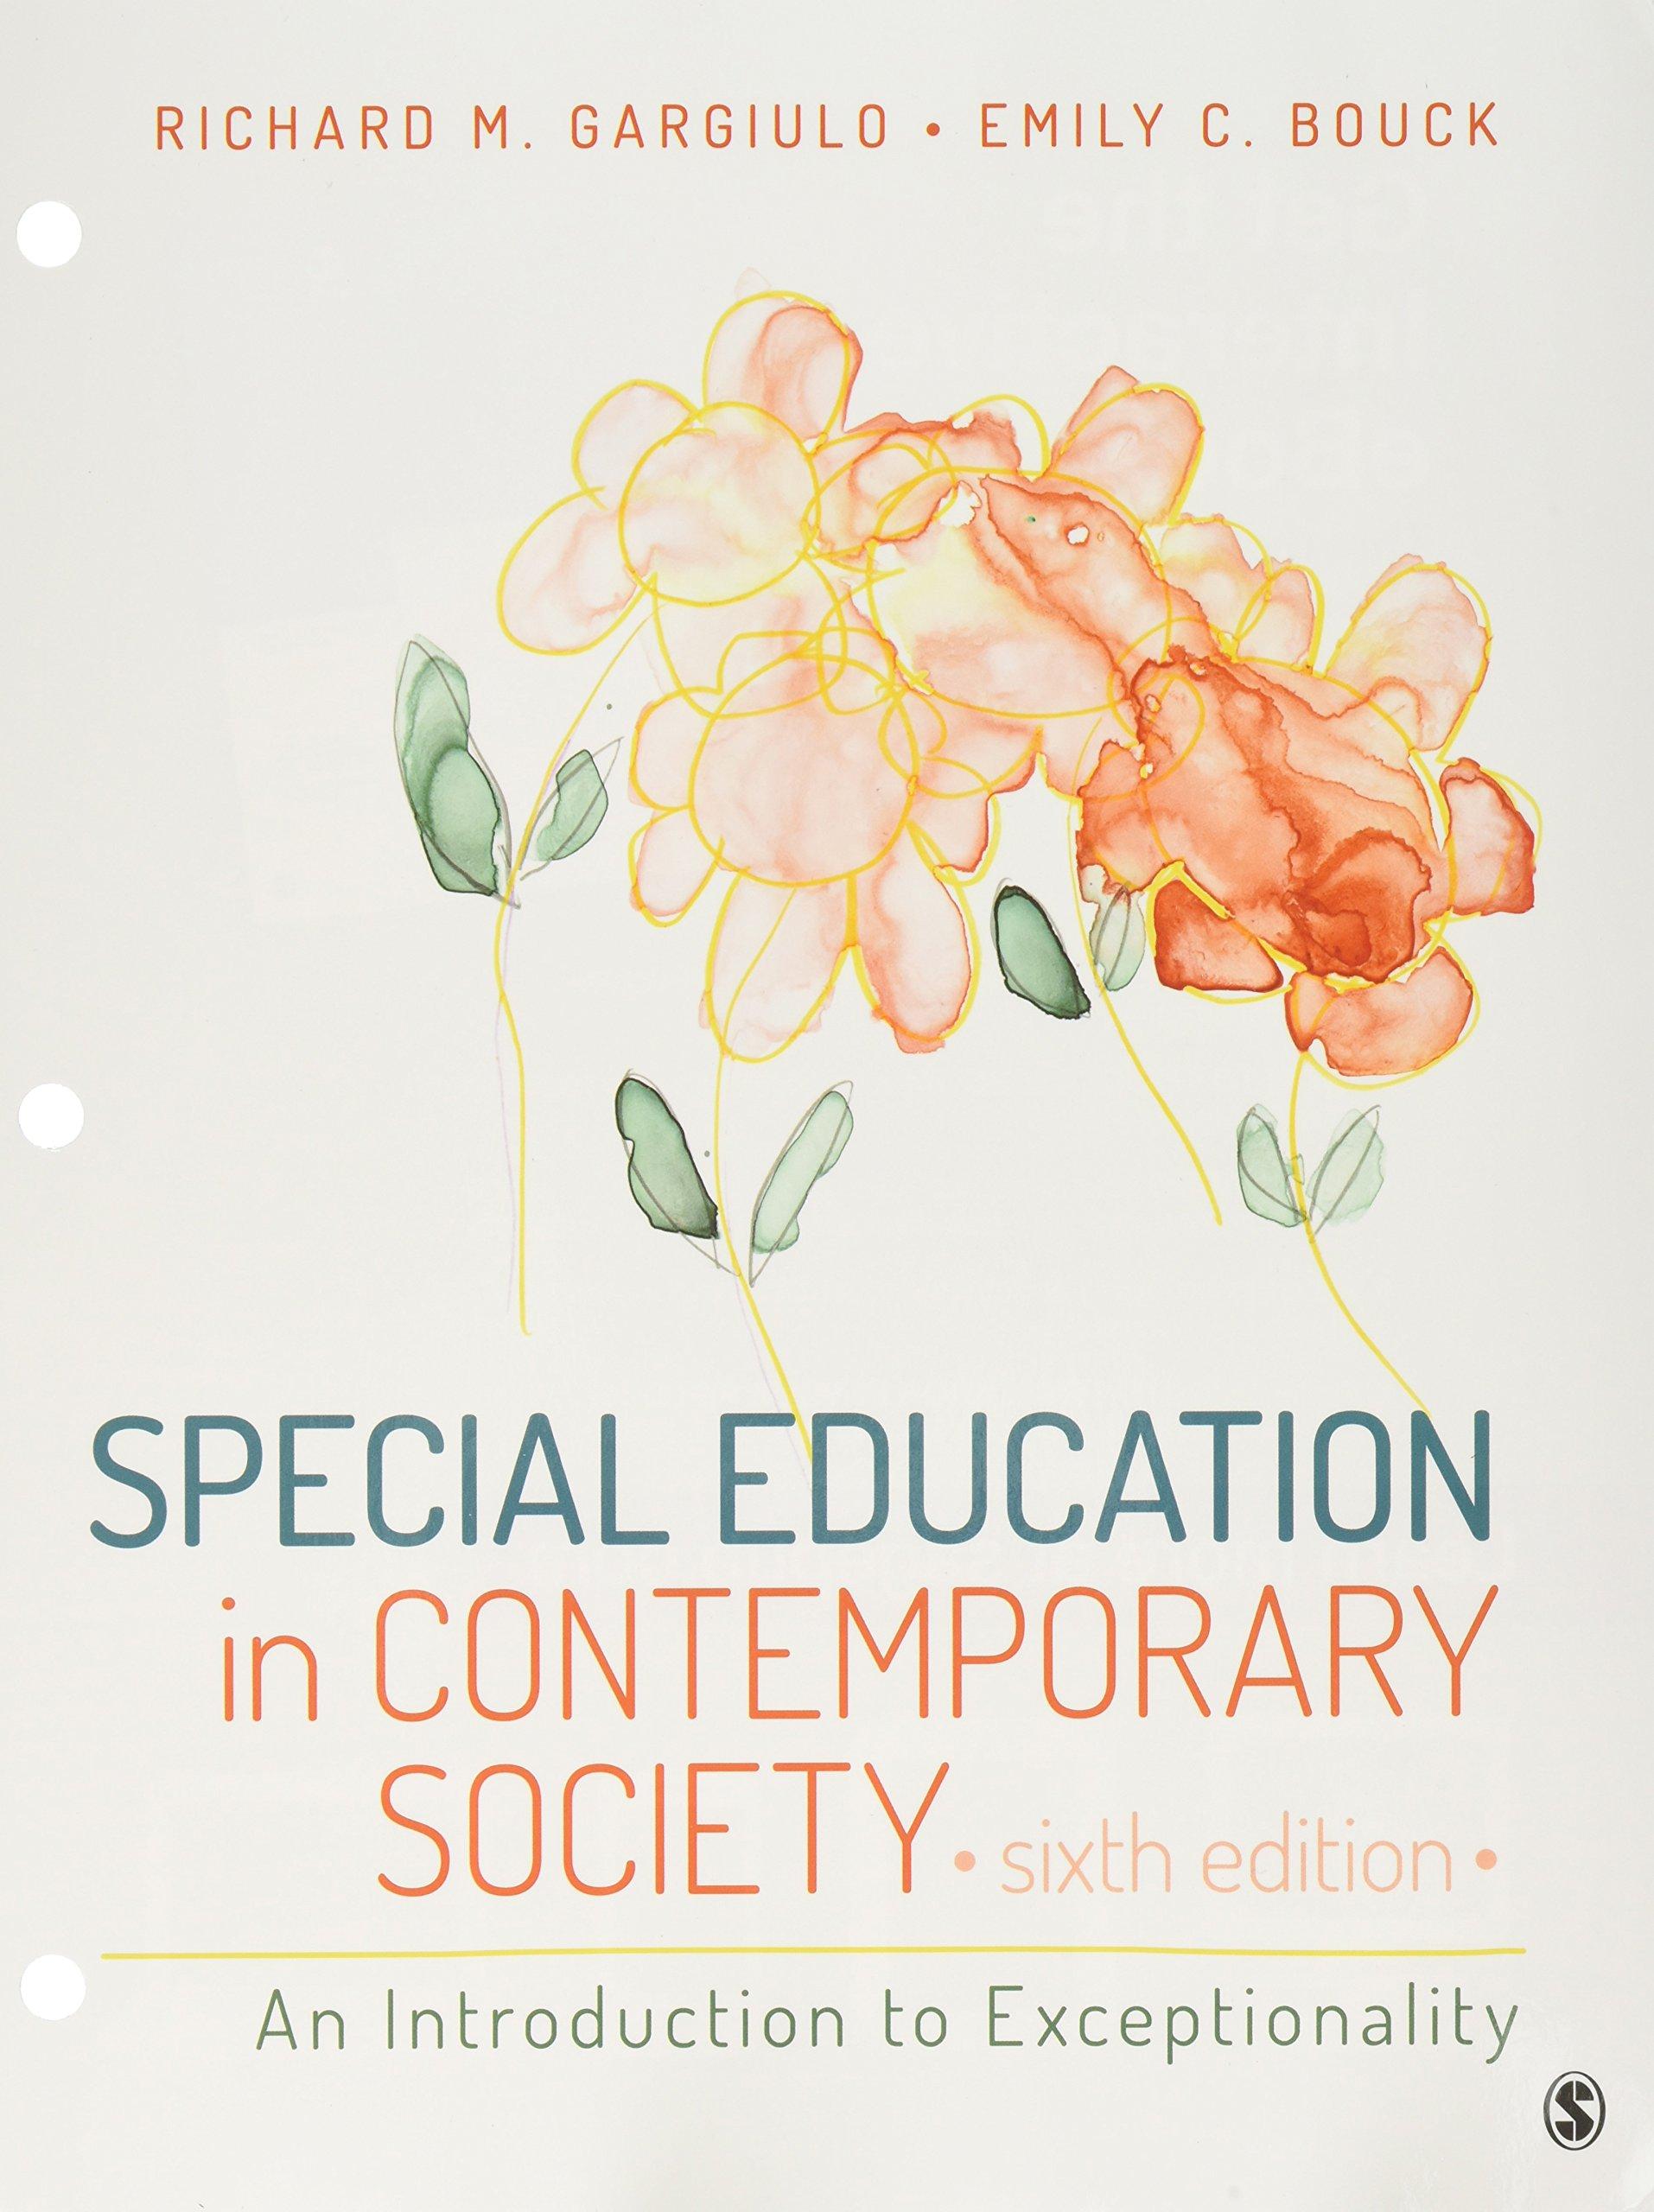 Download BUNDLE: Gargiulo: Special Education in Contemporary Society 6e (Loose Leaf) + Gargiulo: Special Education in Contemporary Society Interactive eBook 6e PDF